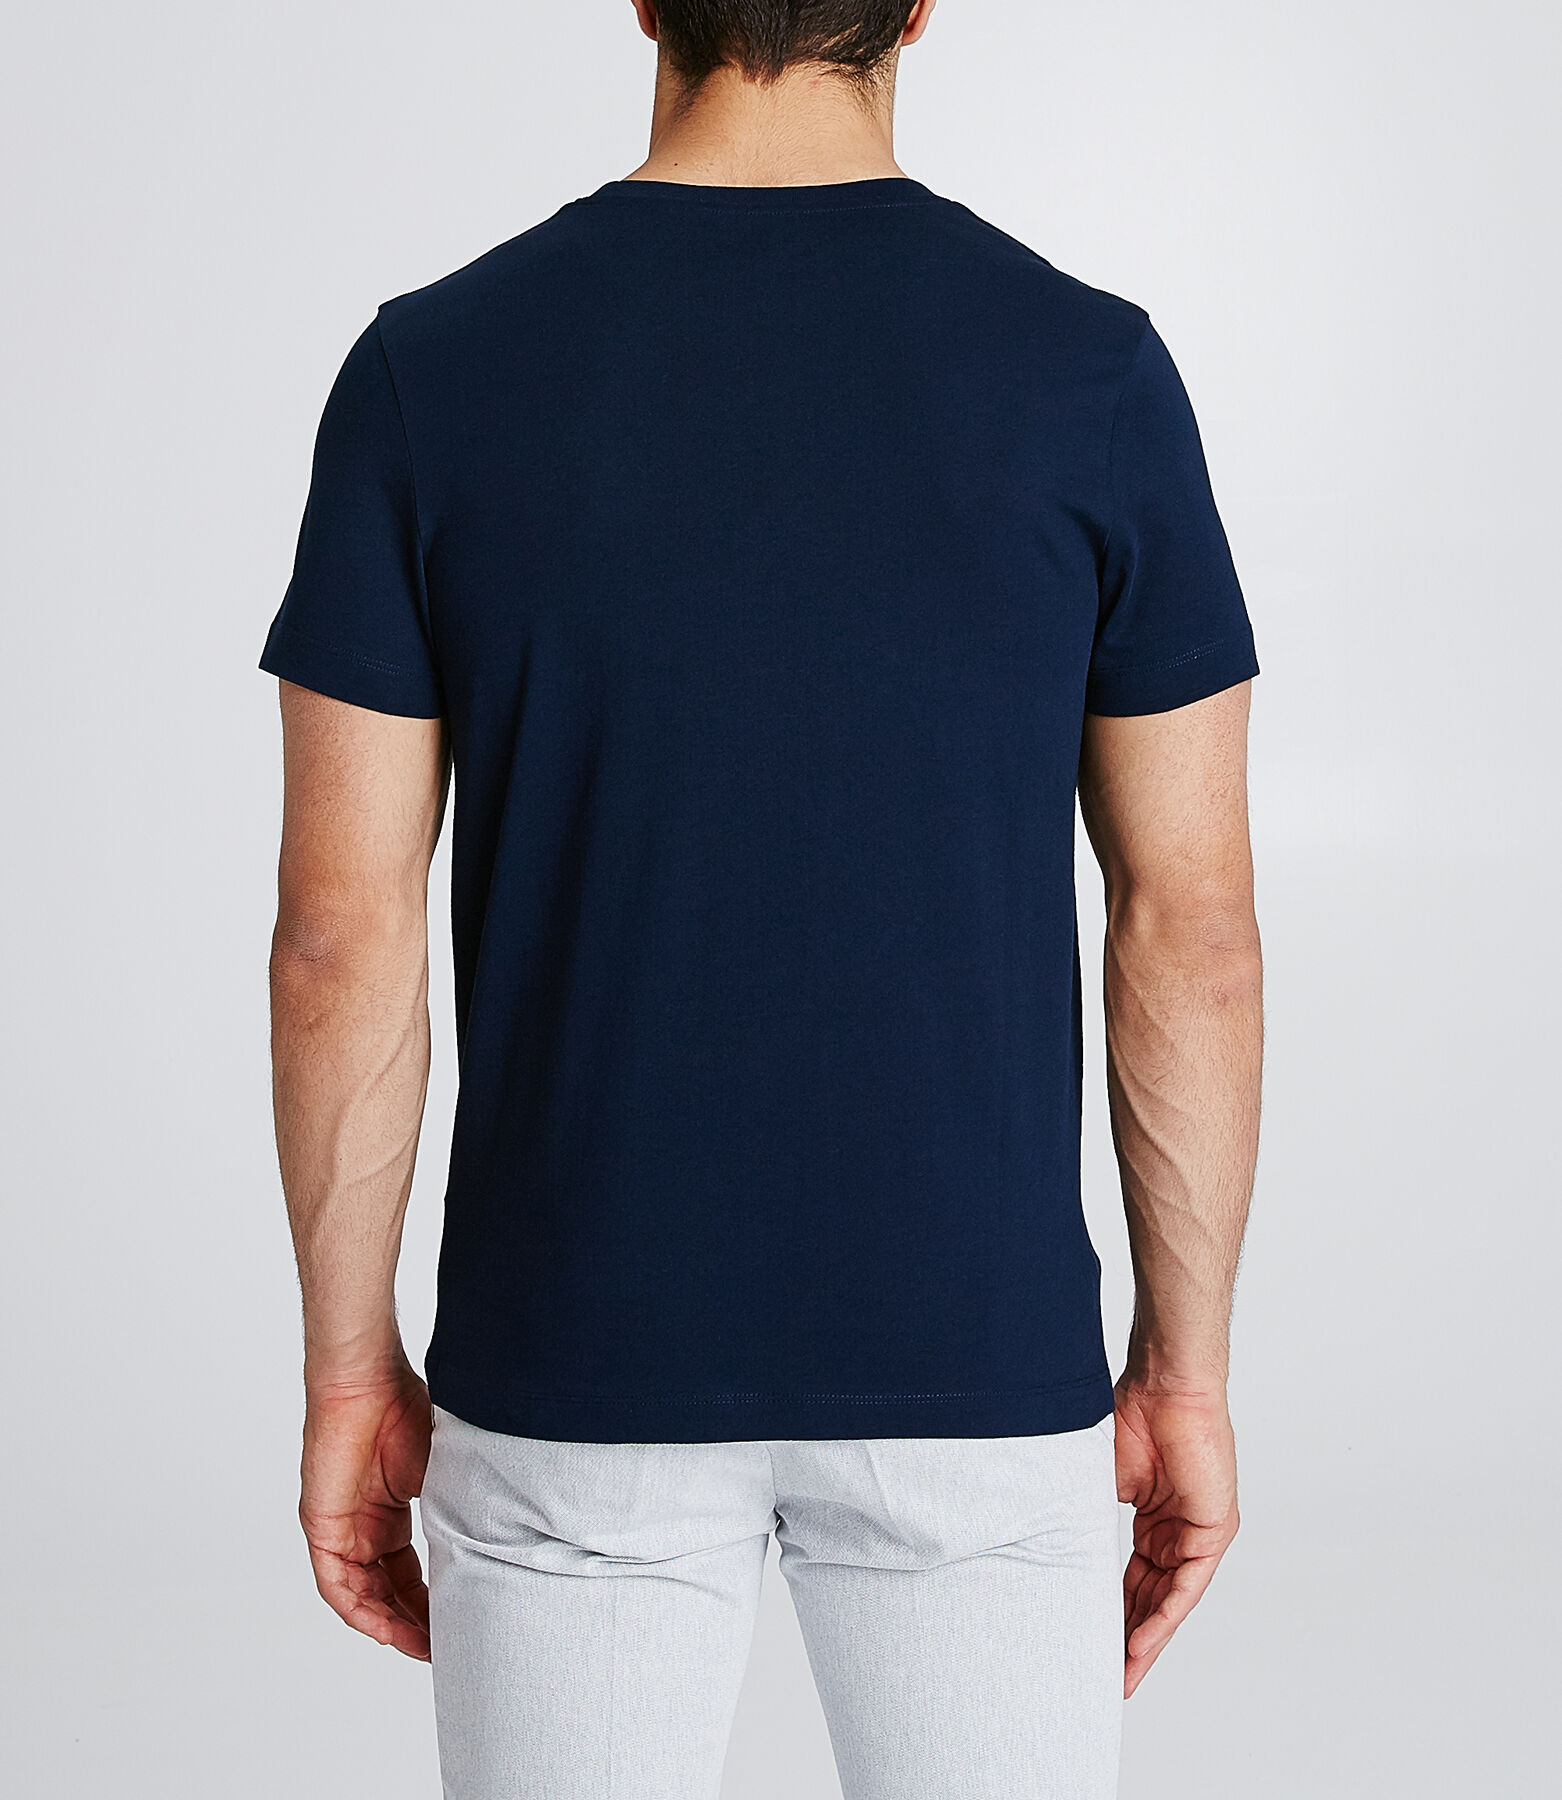 T-shirt met print van regio Normandië